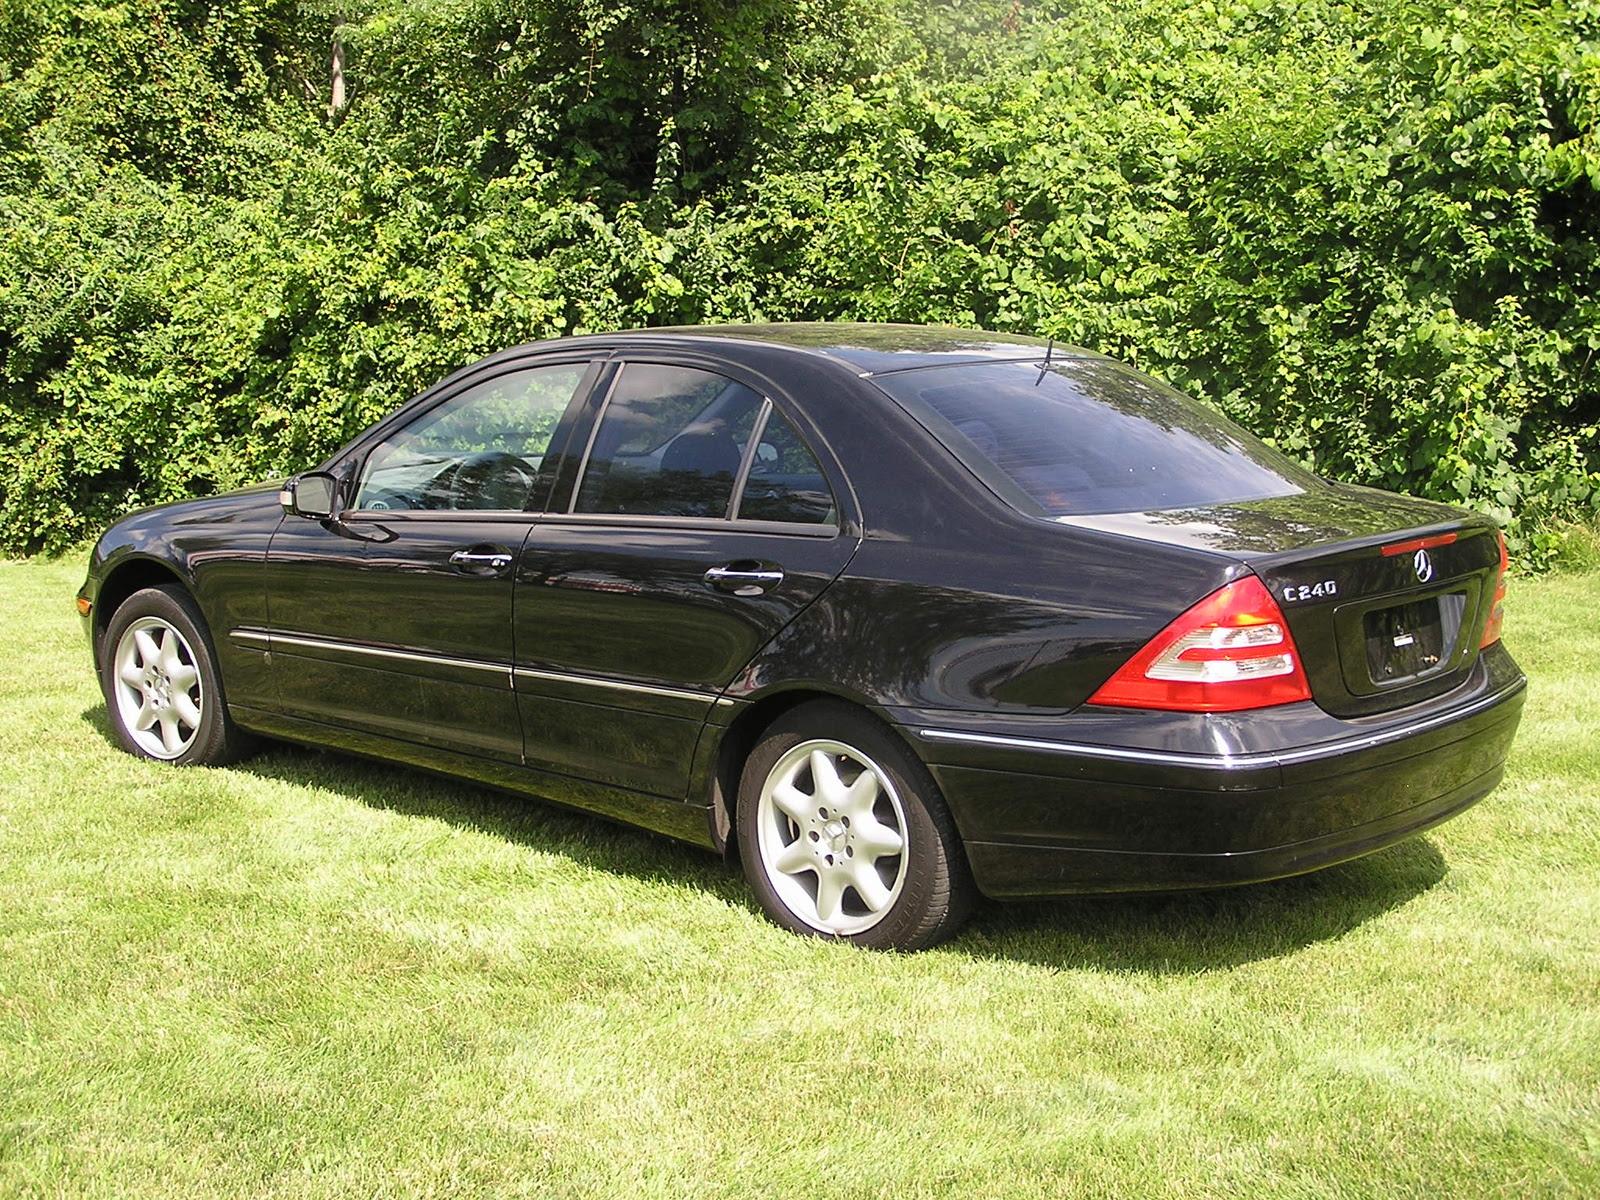 2002 Mercedes-Benz C-Class - Pictures - CarGurus